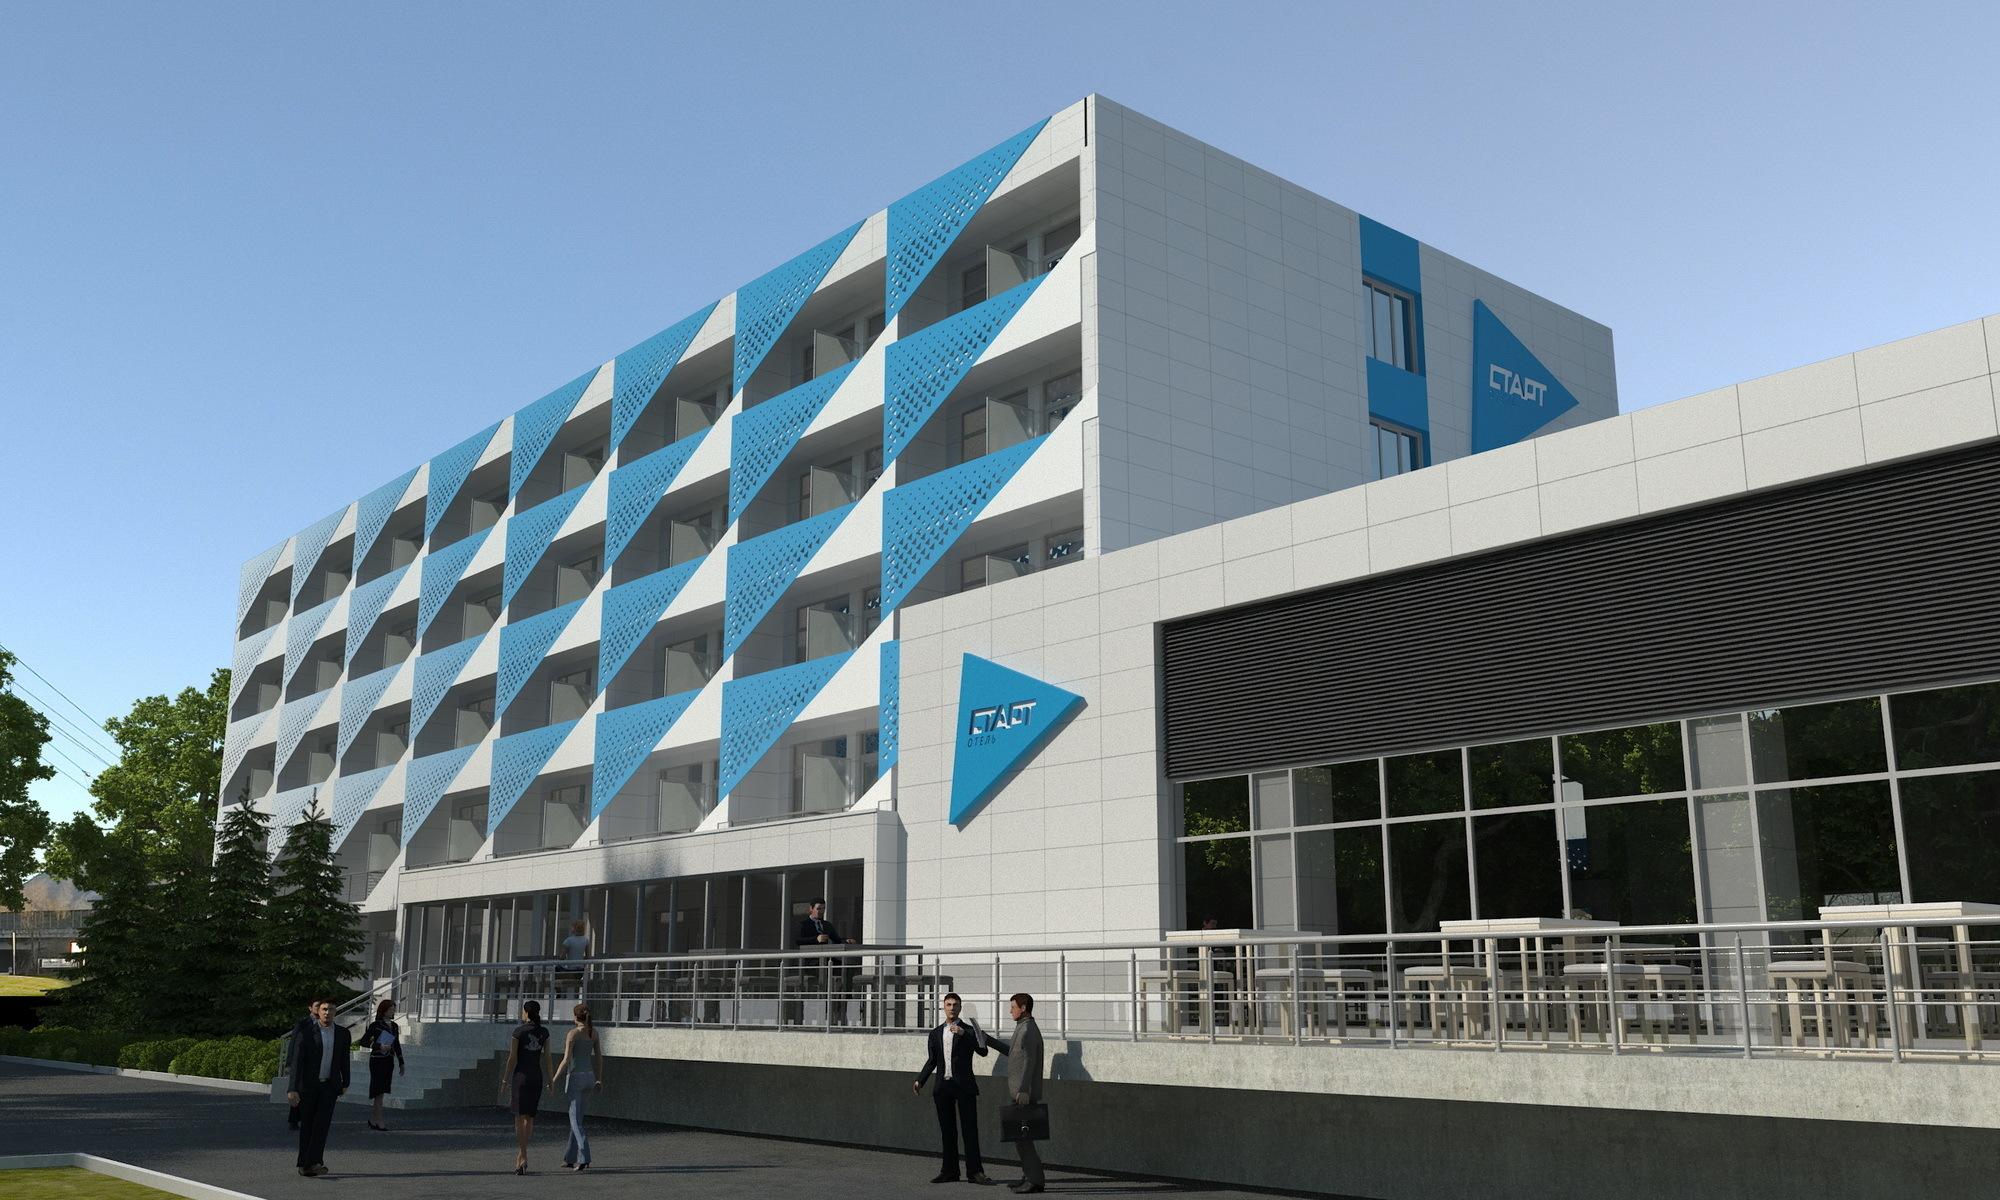 start hotel volgograd bps international. Black Bedroom Furniture Sets. Home Design Ideas